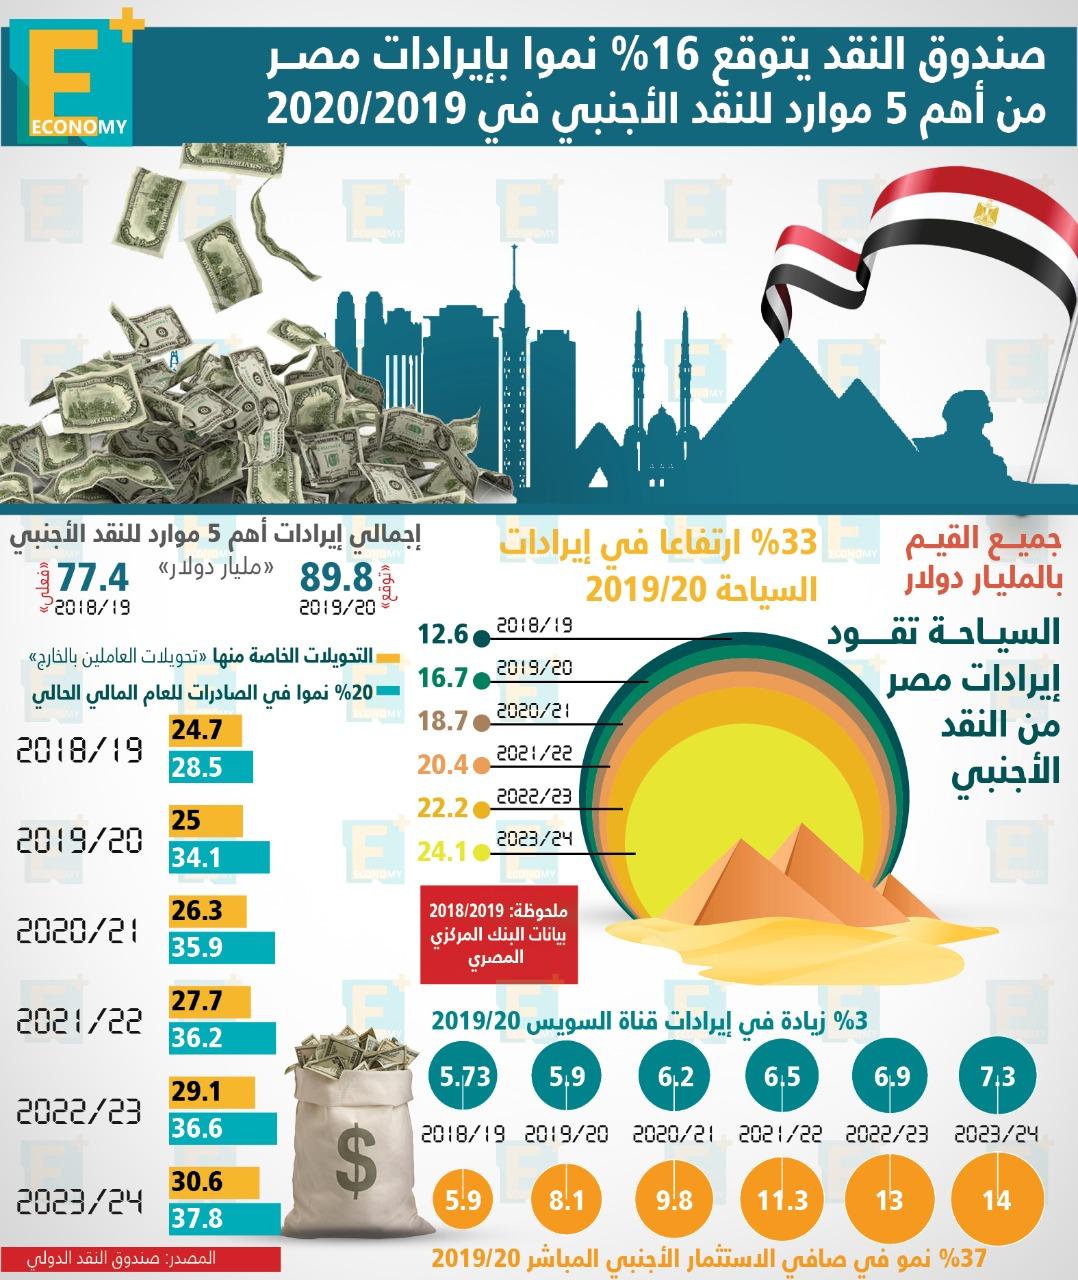 صندوق النقد يتوقع 16% زيادة في إيرادات مصر من أهم 5 موارد دولارية